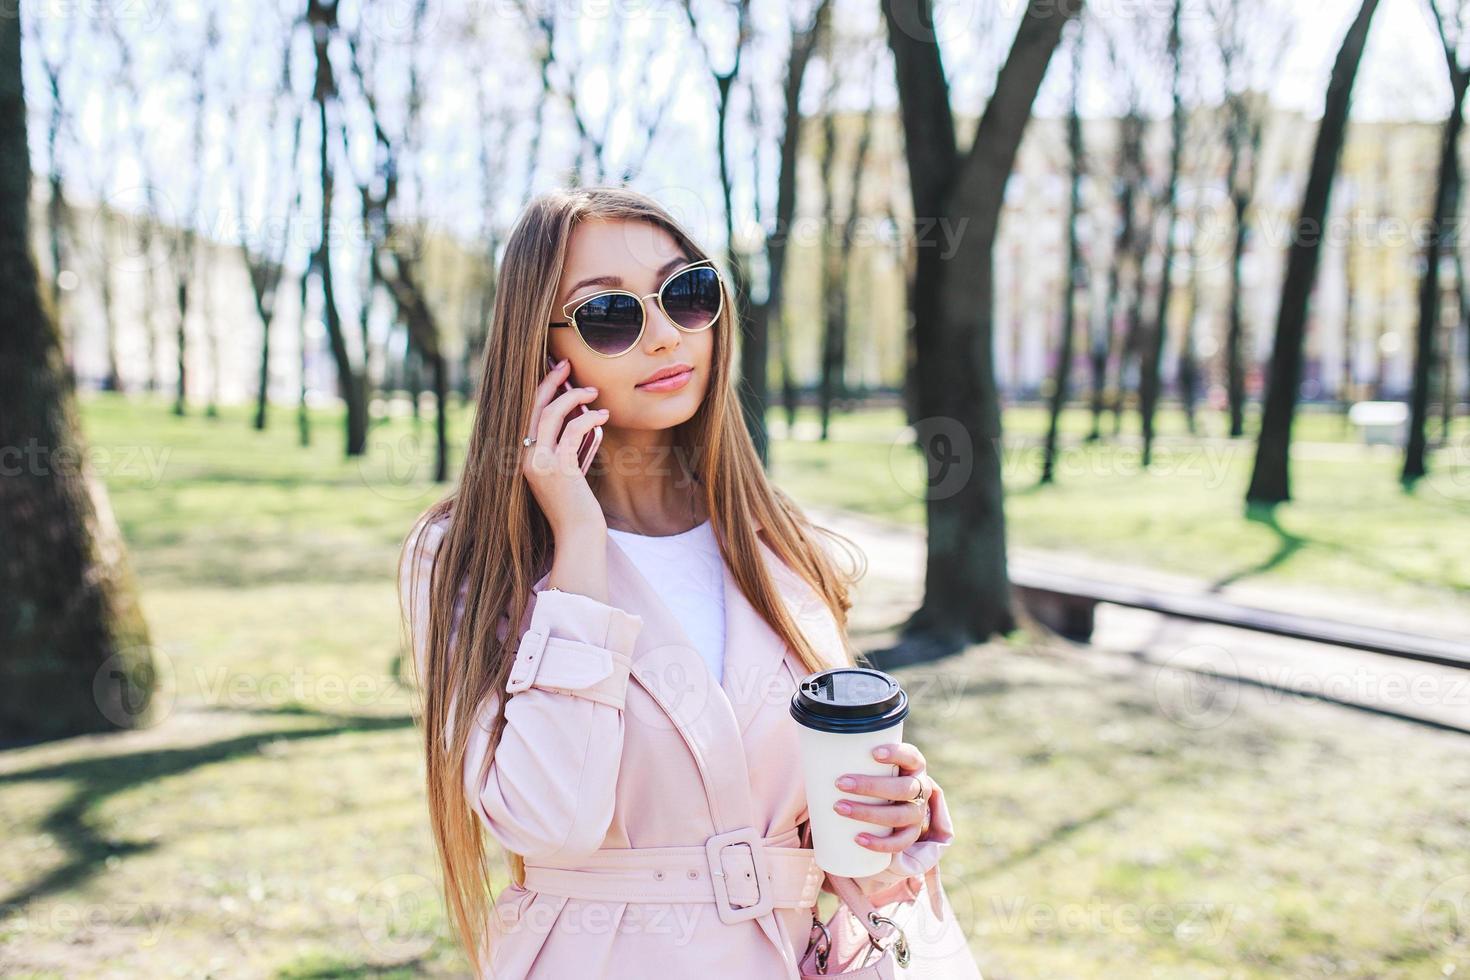 modische Frau mit Telefon und Kaffee in der Stadt. Modefrau in einer Sonnenbrille und einer rosa Jacke im Freien foto